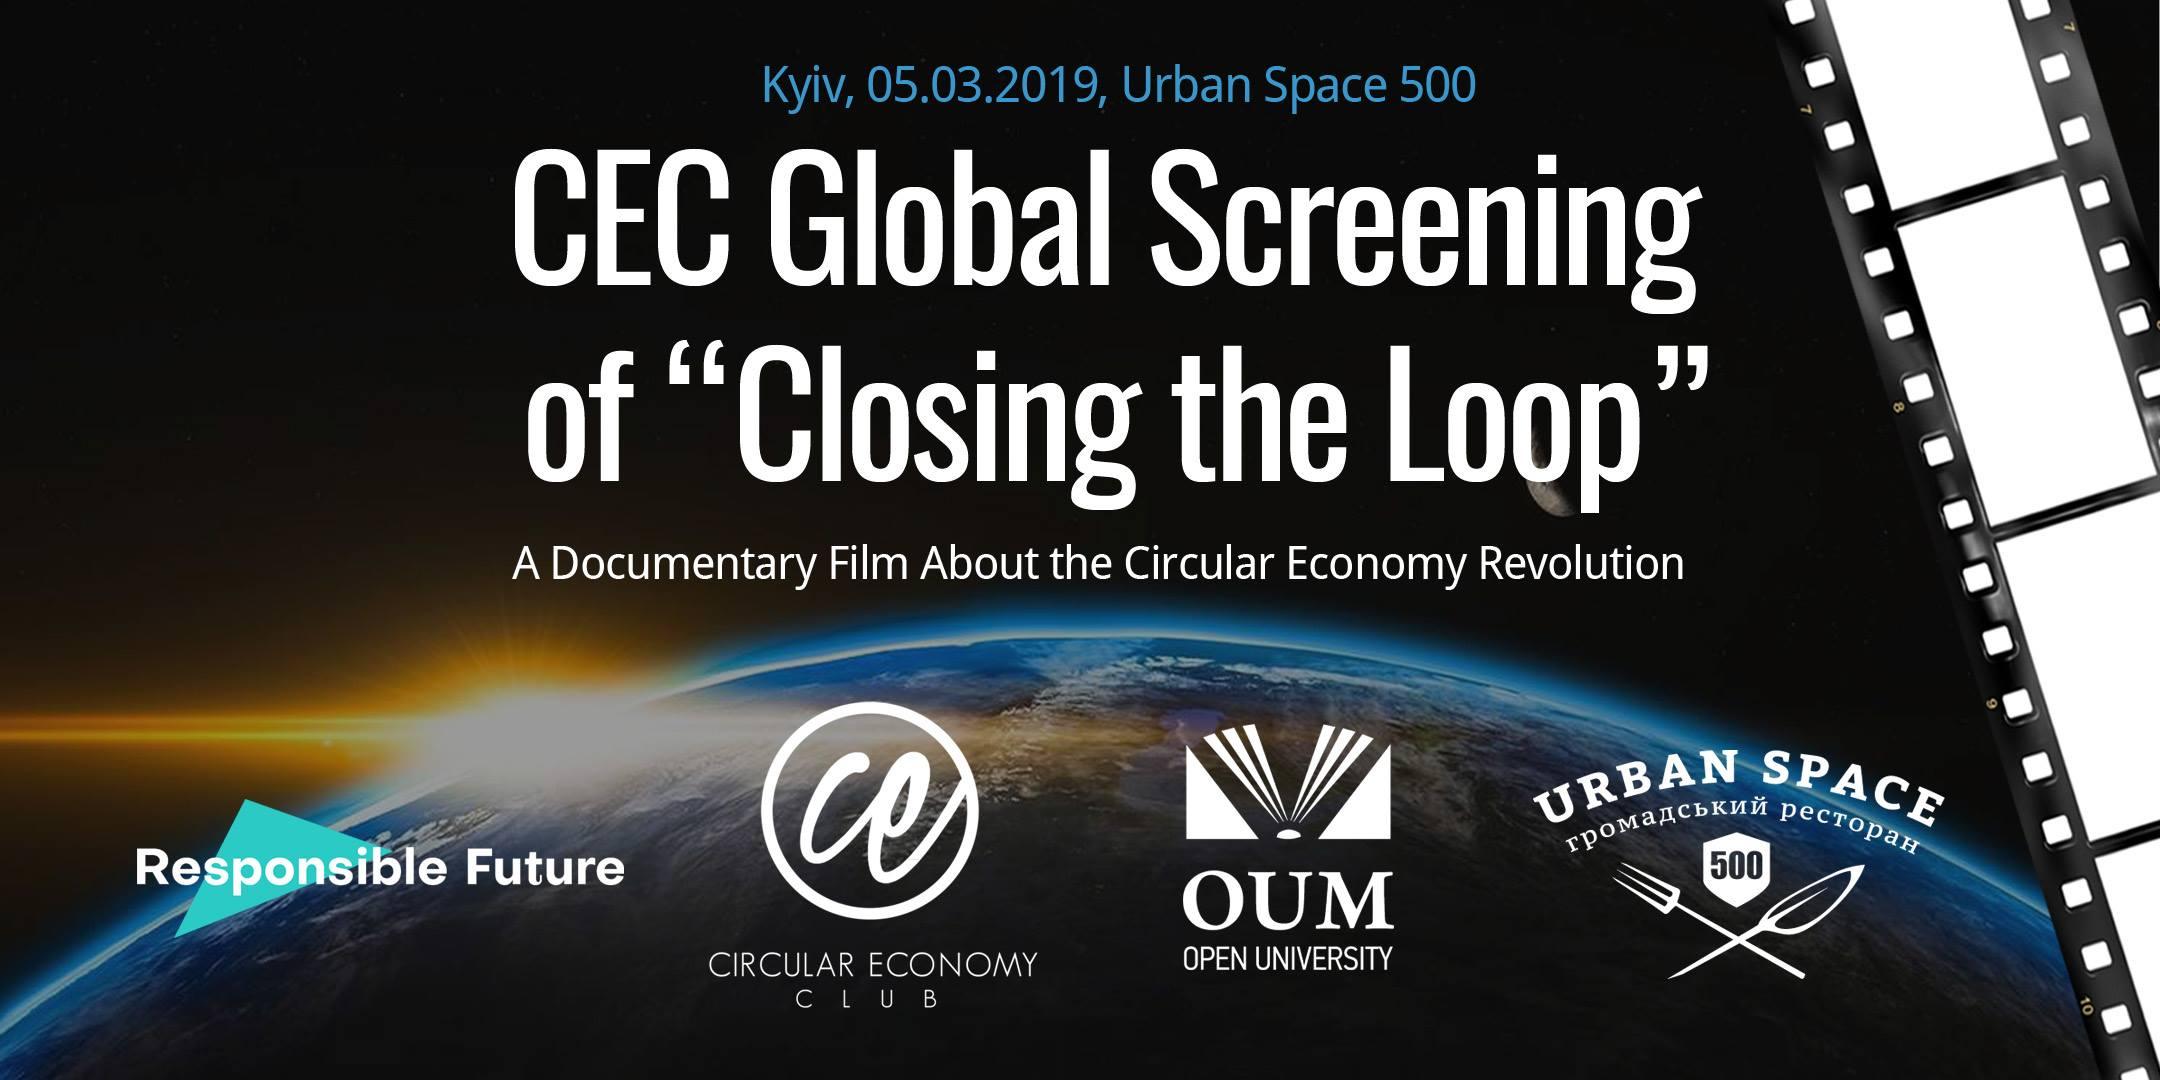 Анонс фильма о круговой экономике Closing the Loop